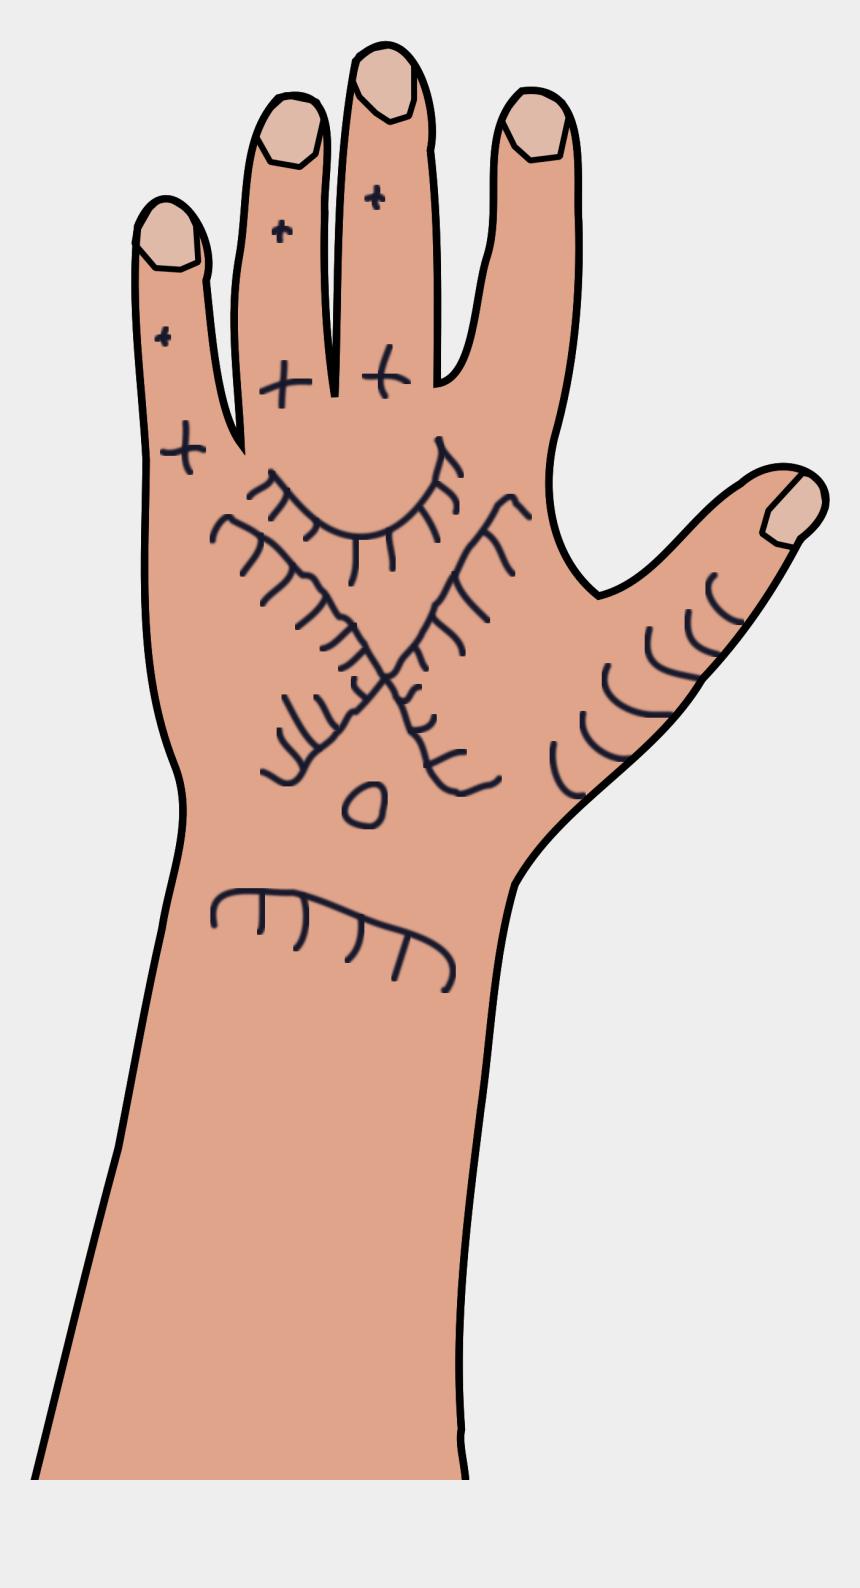 high five clipart, Cartoons - Kurdish Mens Tattoo Clipart , Png Download - Kurdish Hand Tattoo